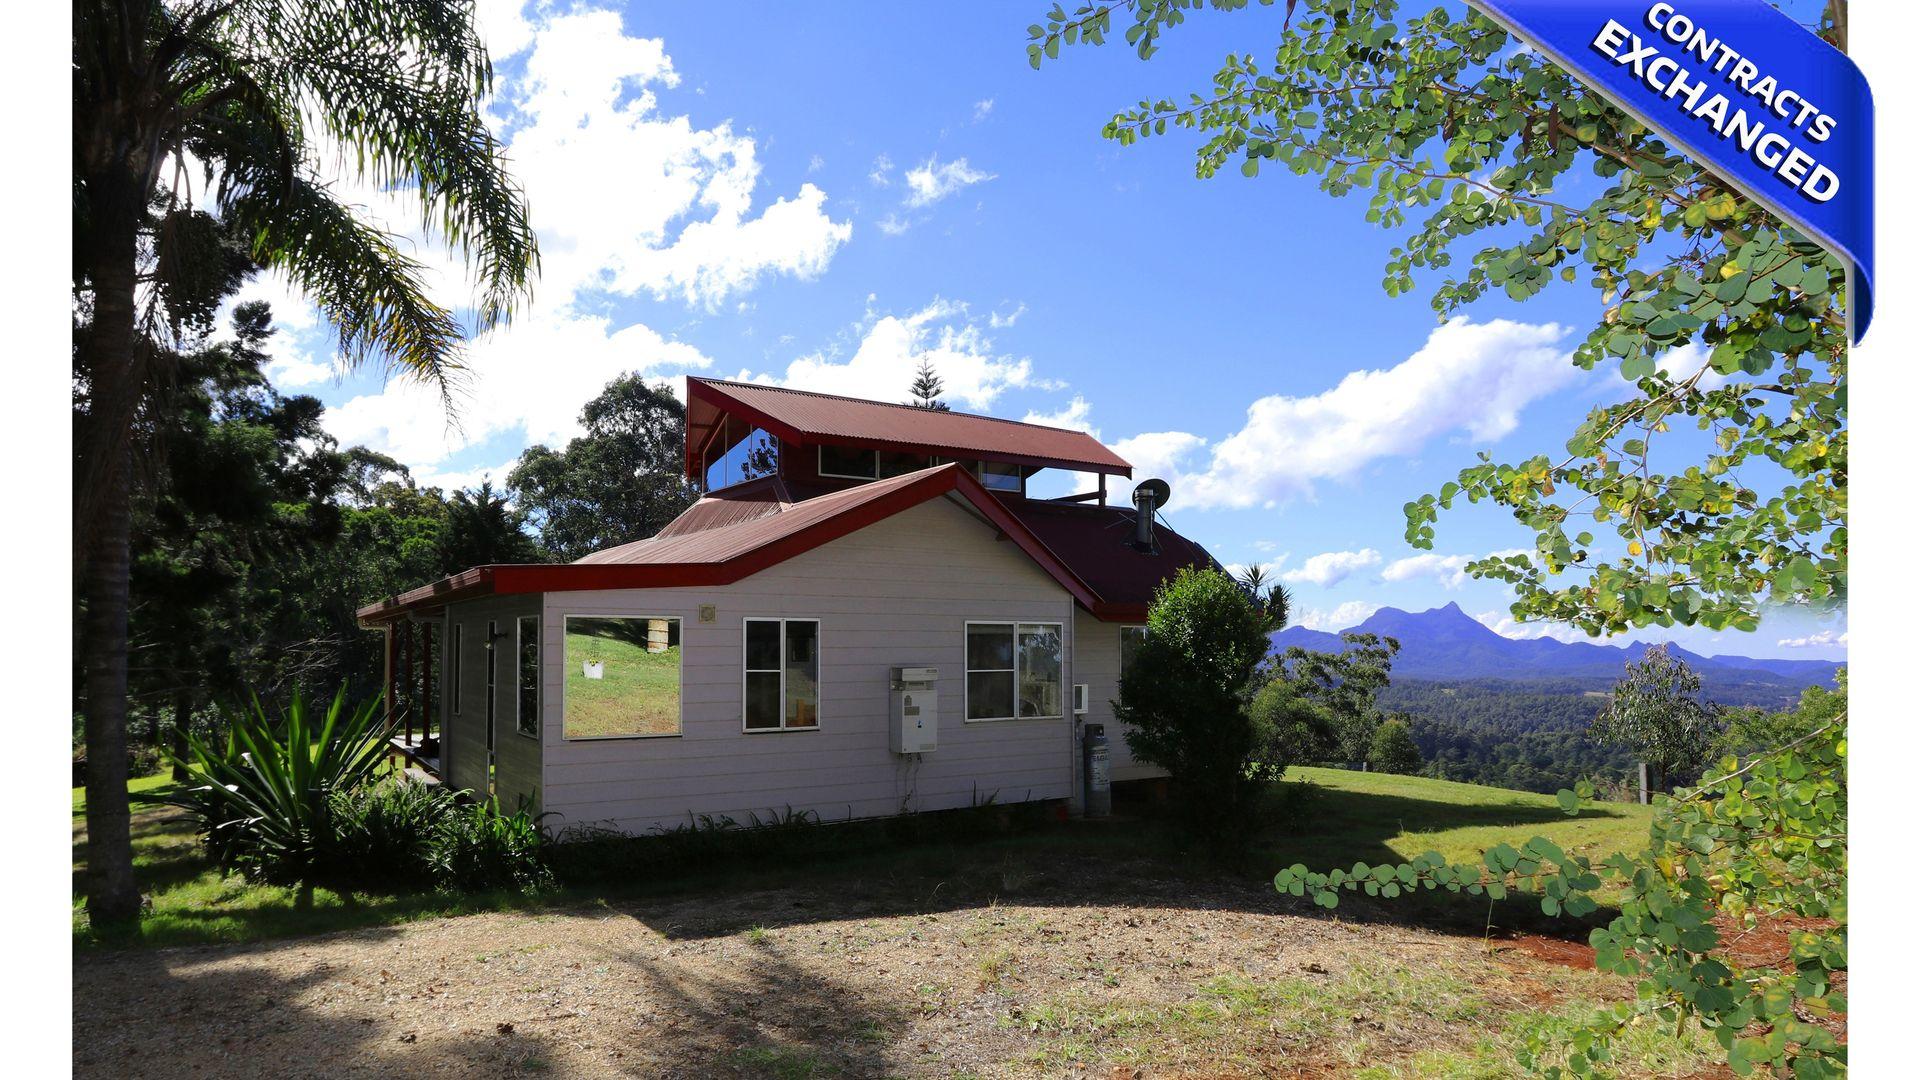 4119 Kyogle Rd, Nimbin NSW 2480, Image 1